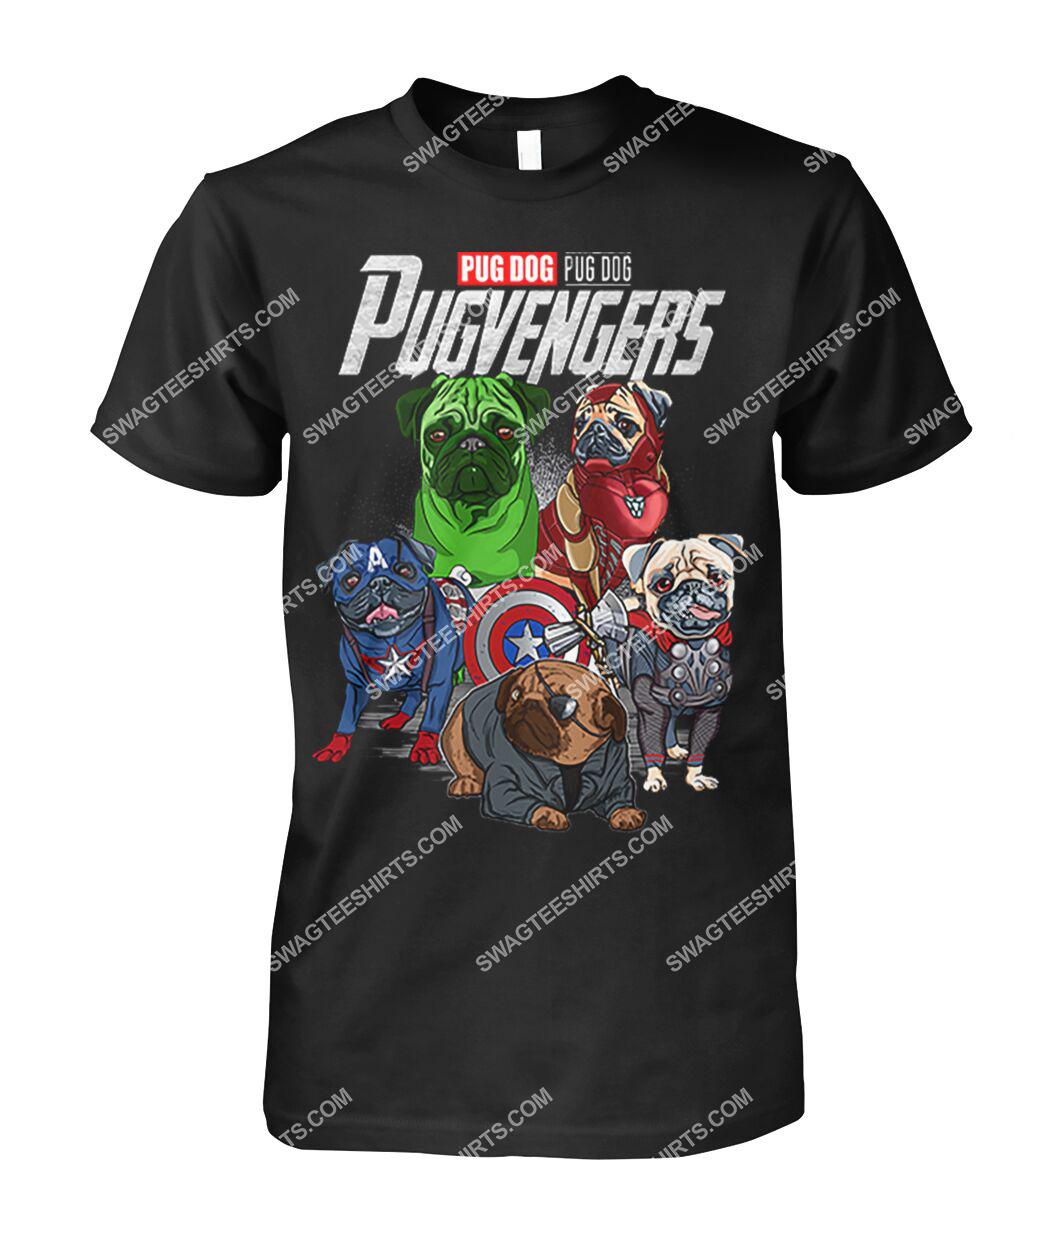 pug dog pugvengers marvel avengers dogs lover tshirt 1